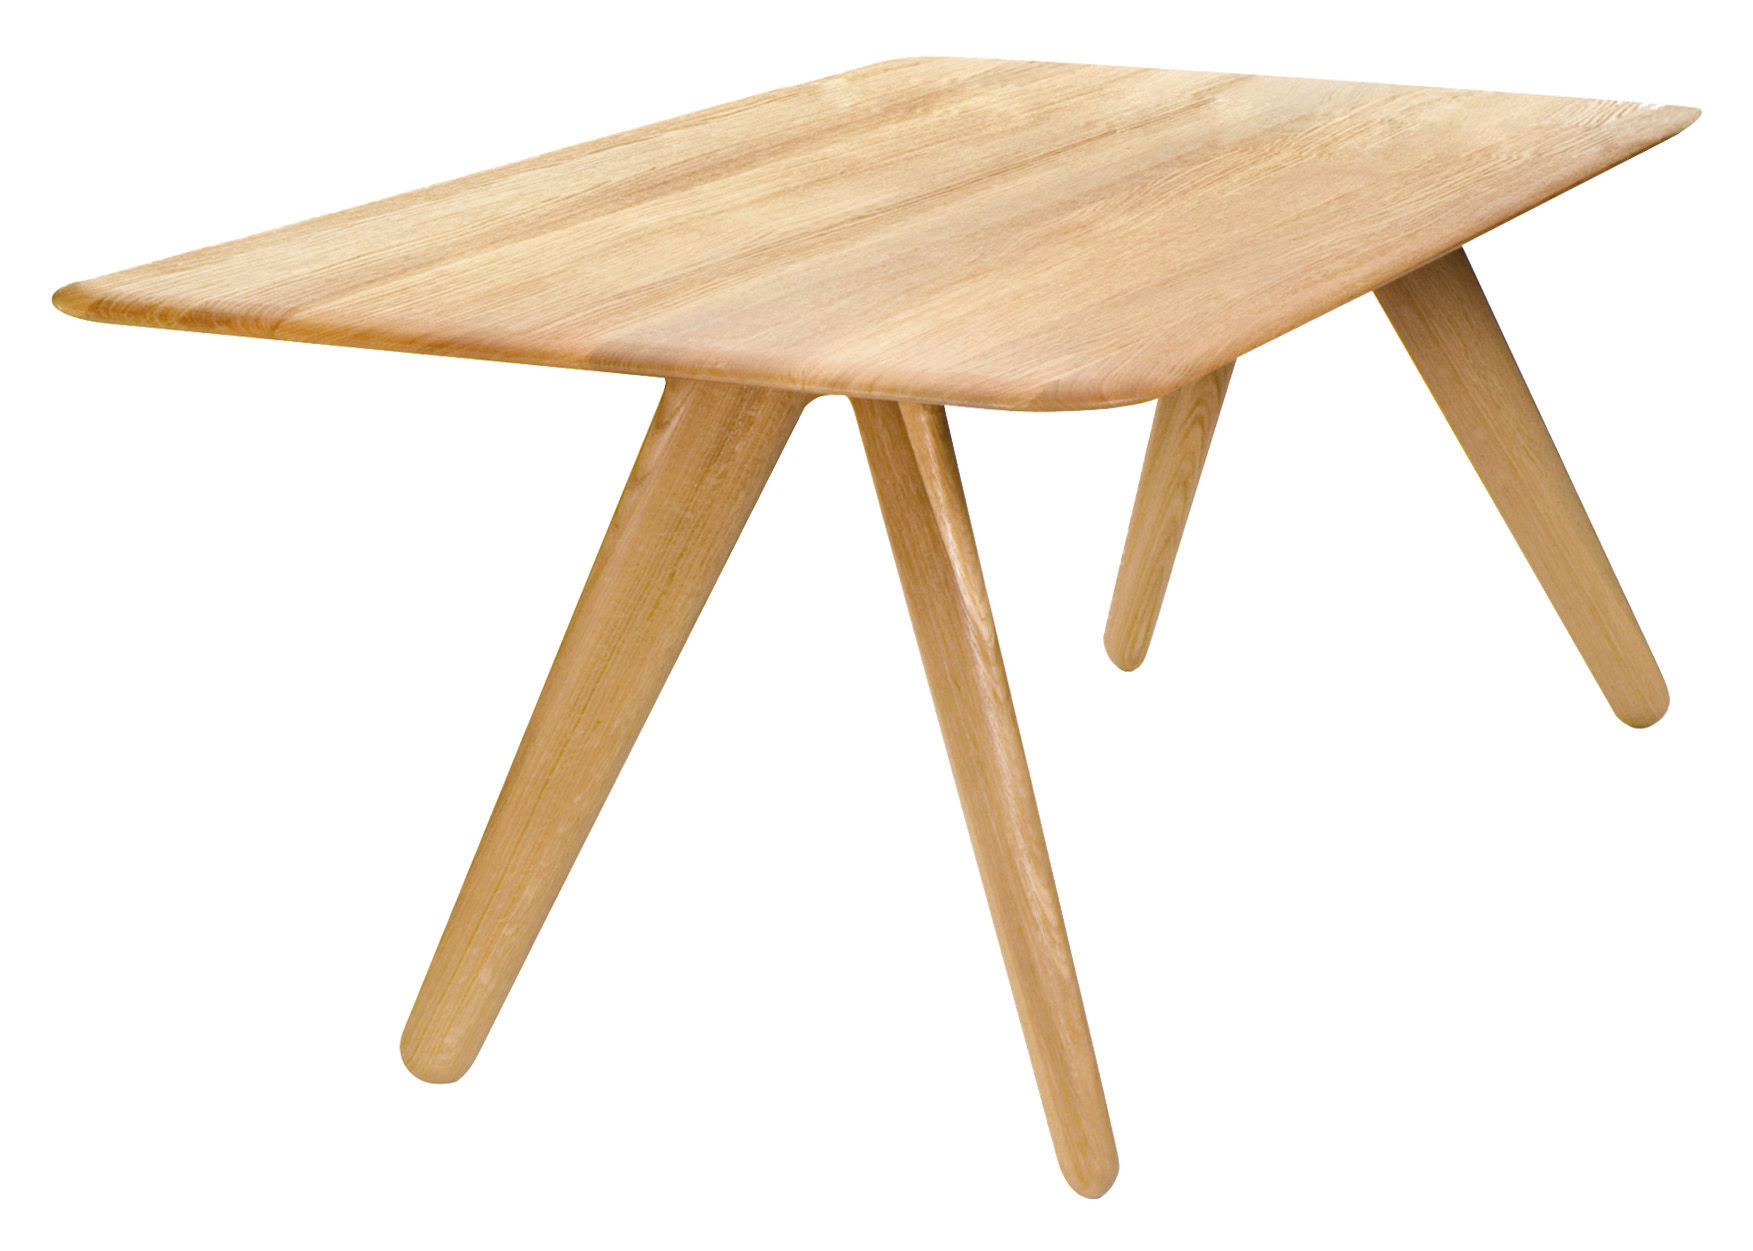 Table slab 100 x 100 cm bouleau naturel tom dixon for Table 85 cm de large